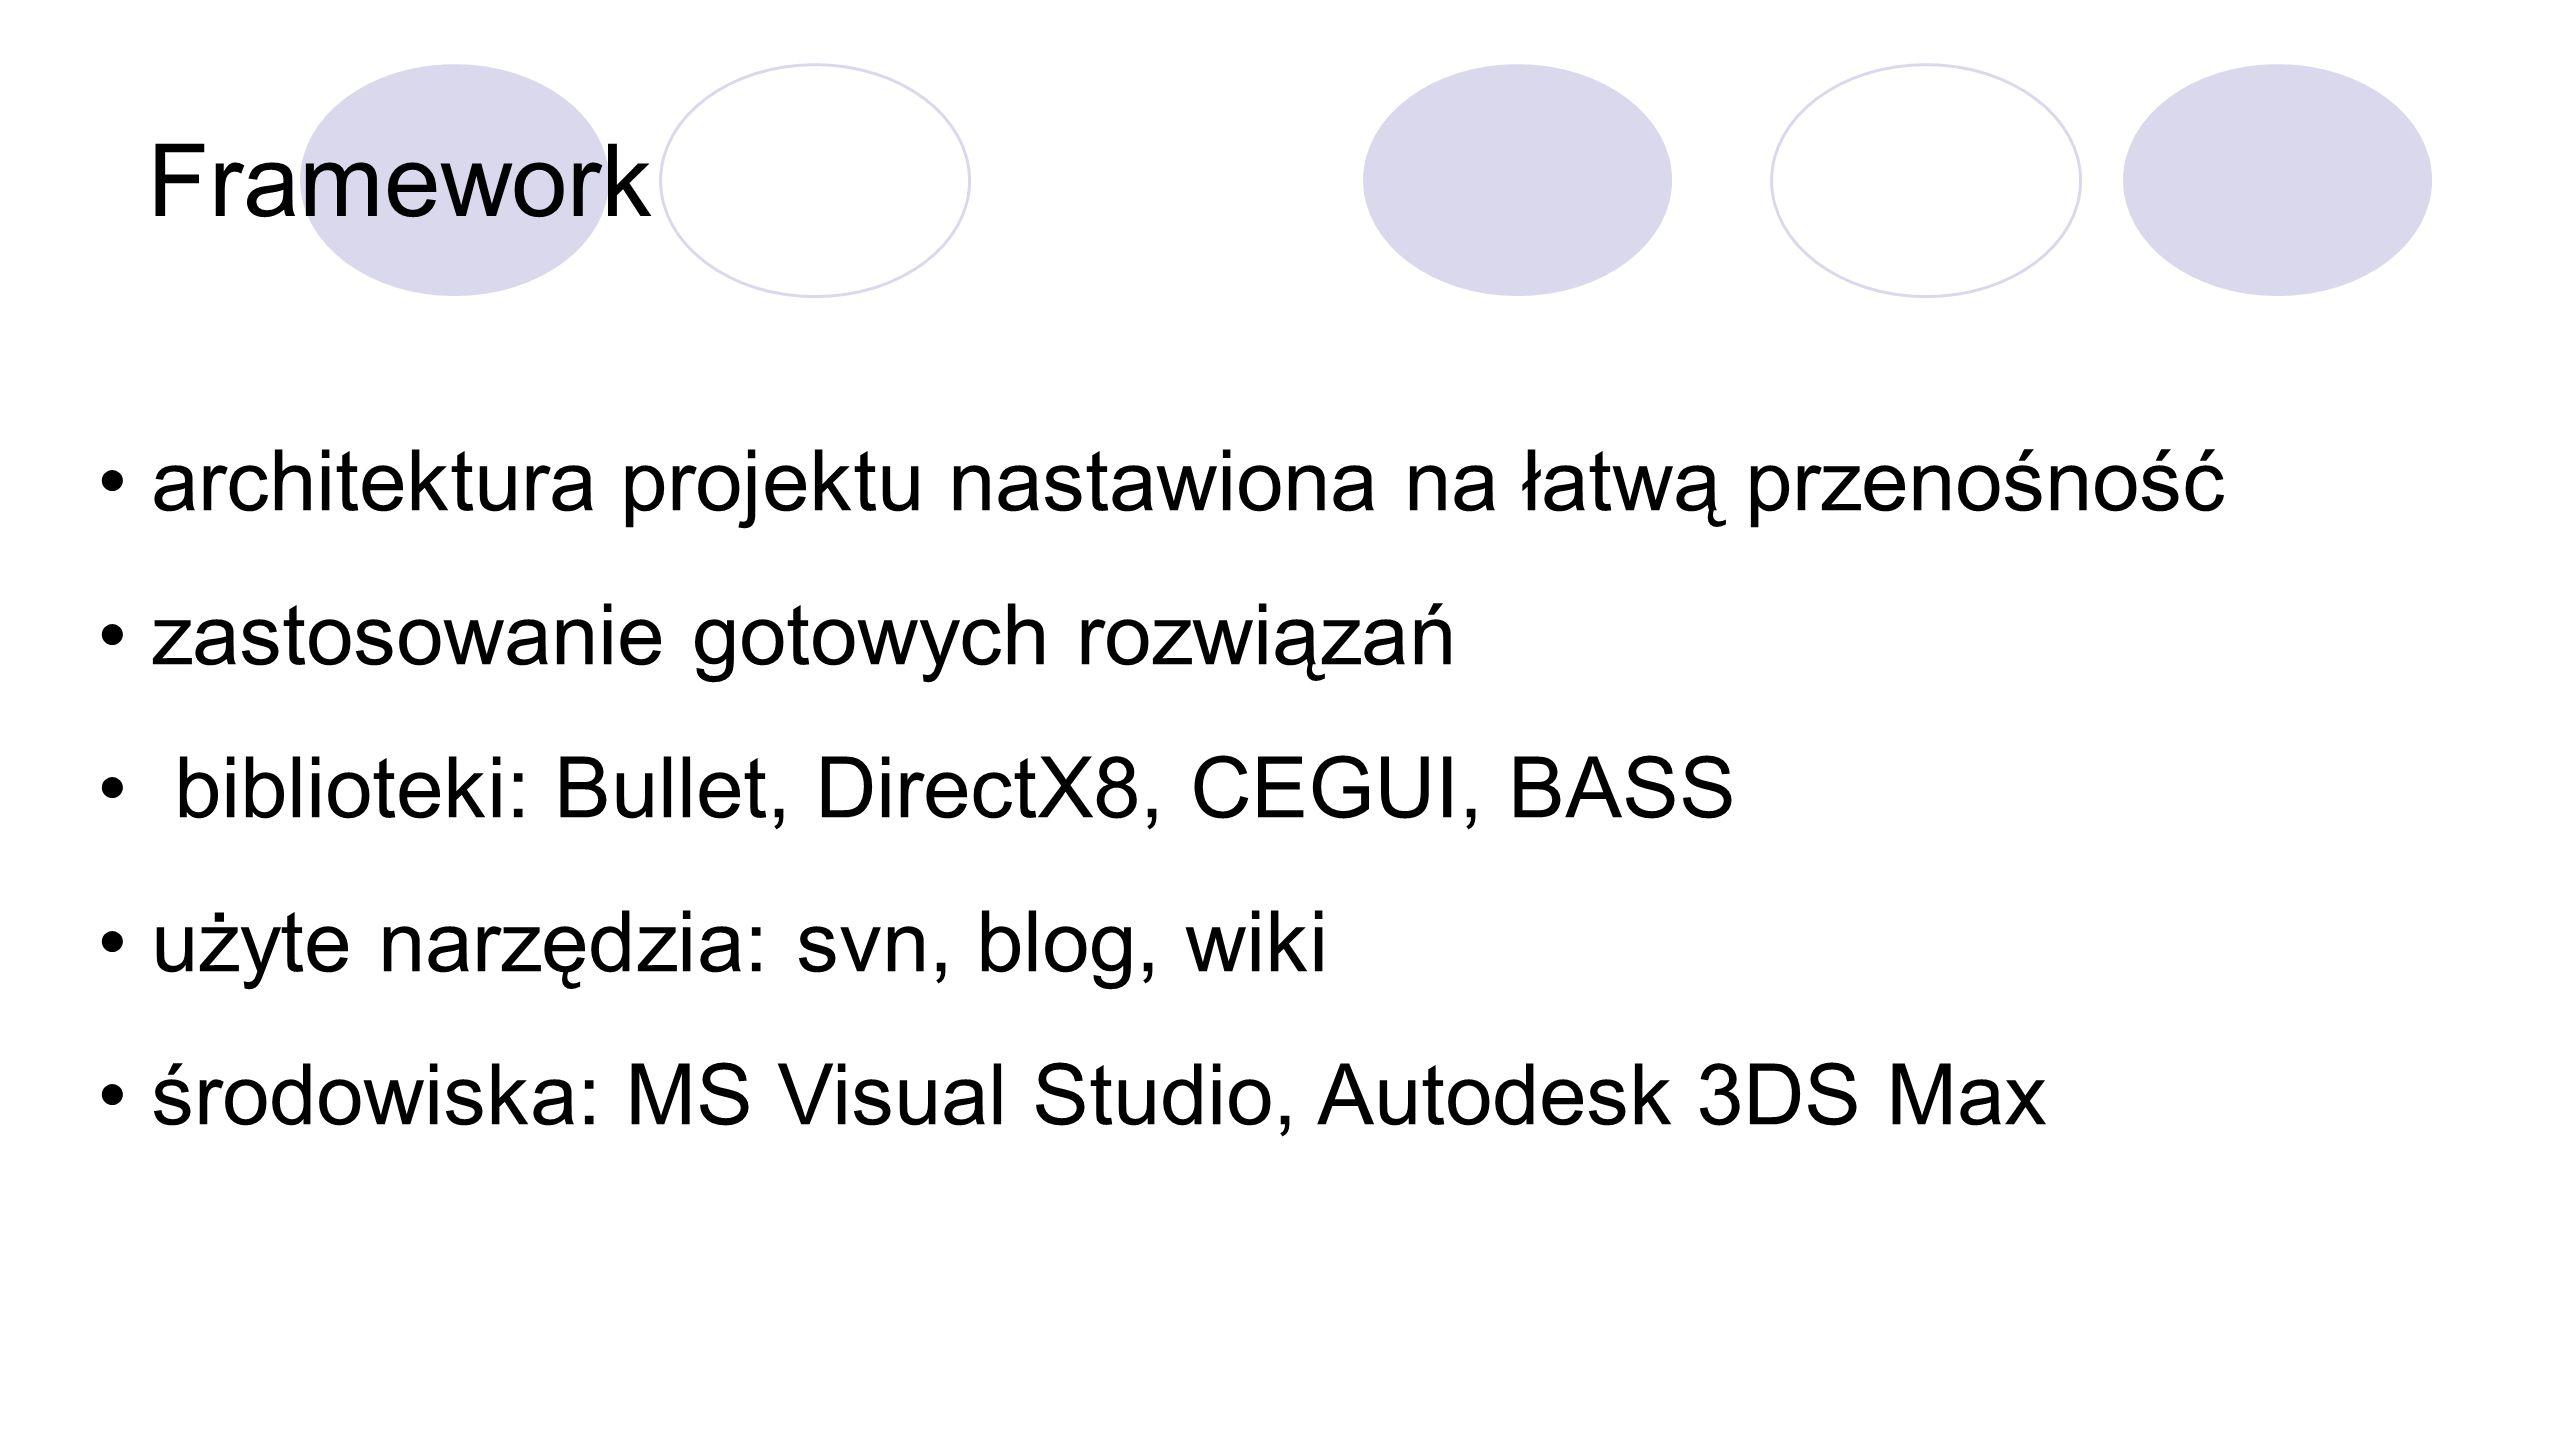 Framework architektura projektu nastawiona na łatwą przenośność zastosowanie gotowych rozwiązań biblioteki: Bullet, DirectX8, CEGUI, BASS użyte narzędzia: svn, blog, wiki środowiska: MS Visual Studio, Autodesk 3DS Max